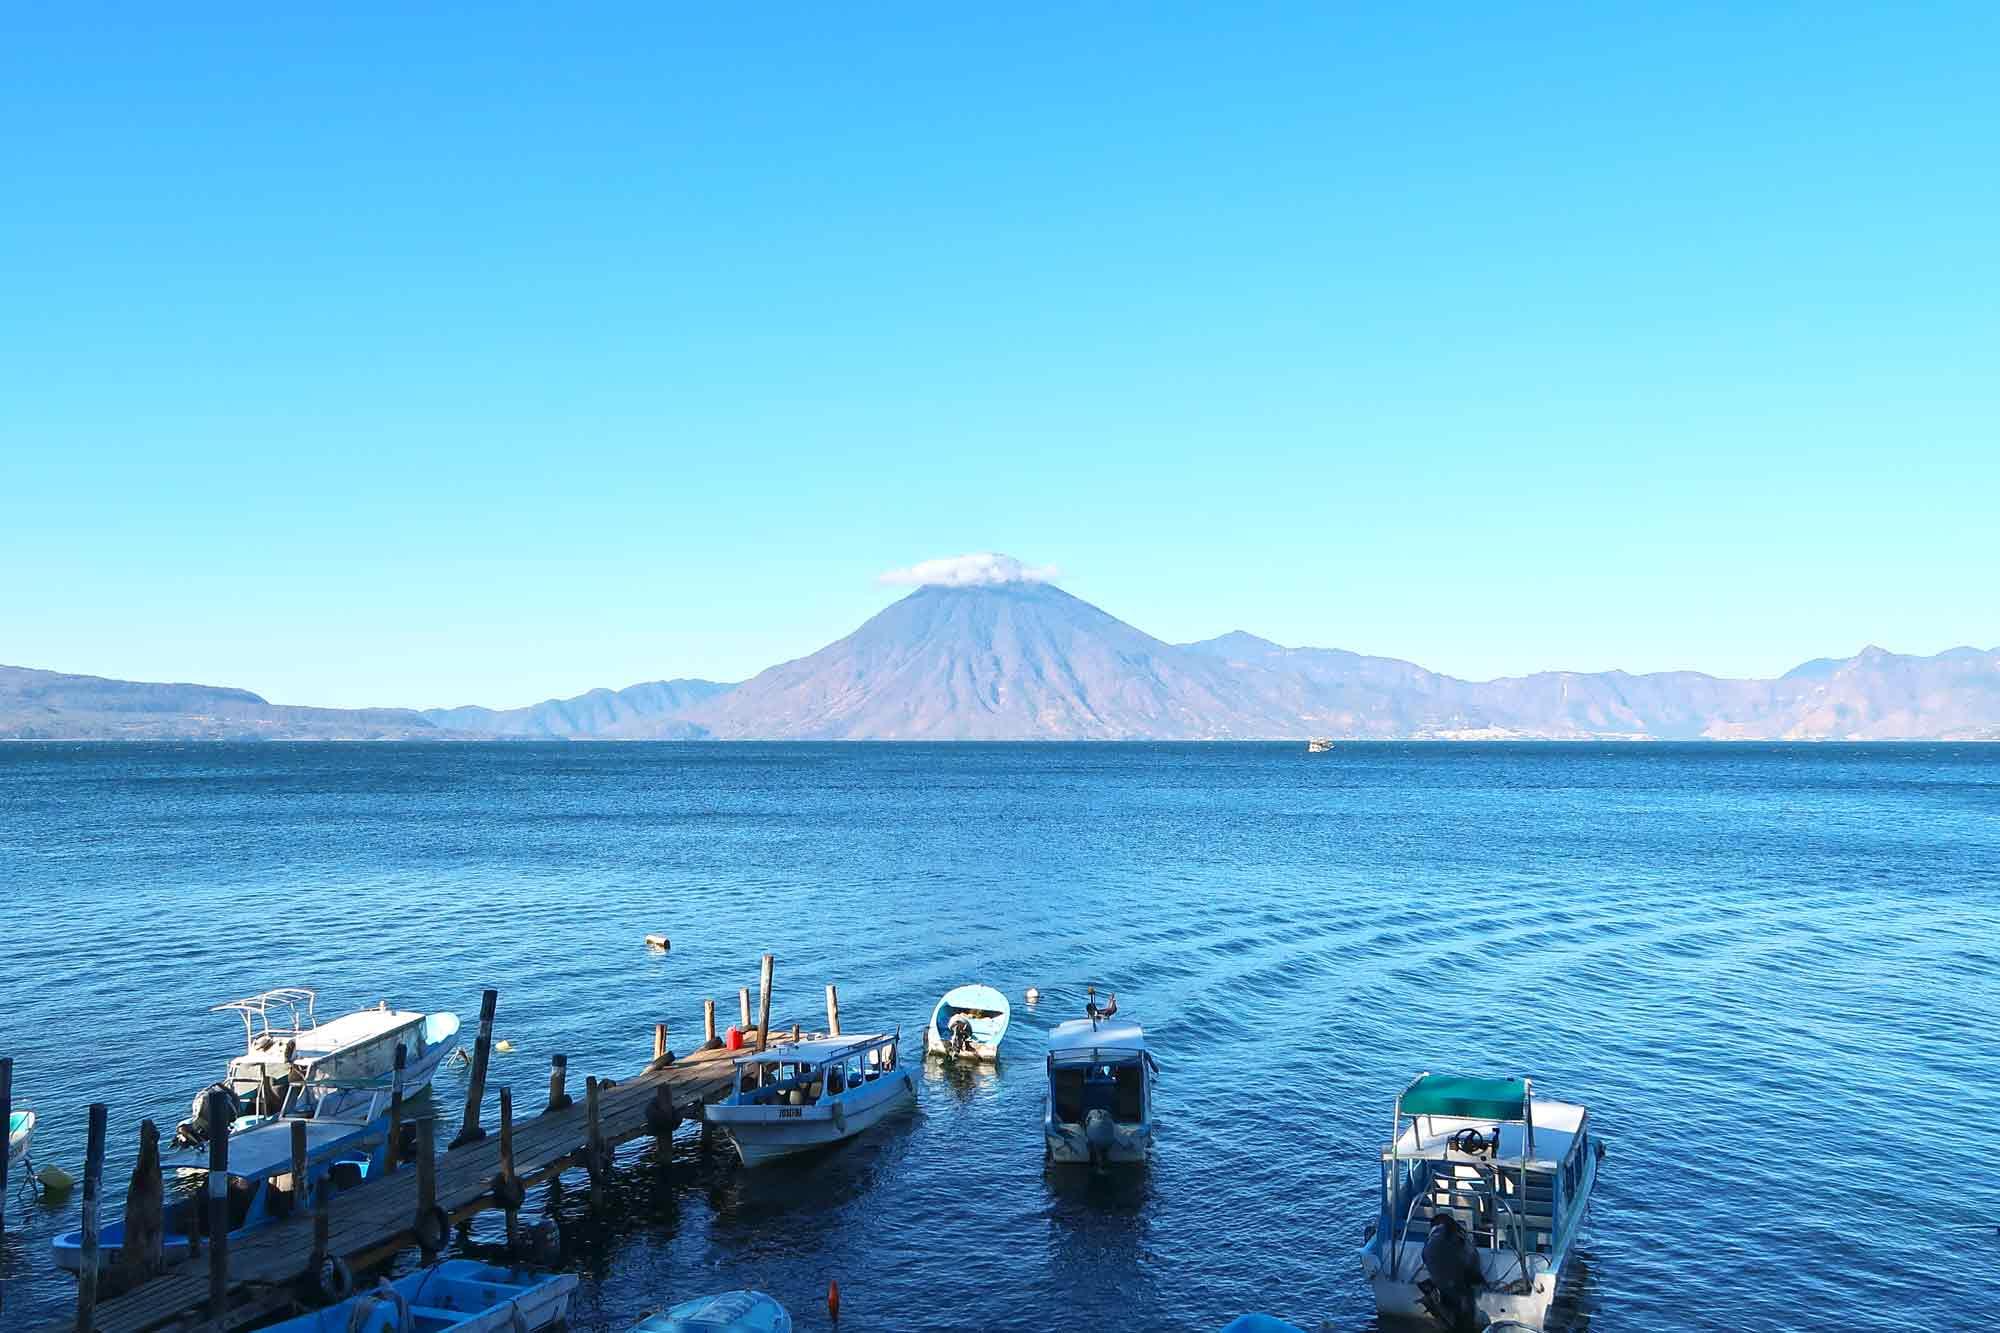 Guatemala Reisetipps - Vulkane am Lake Atitlan